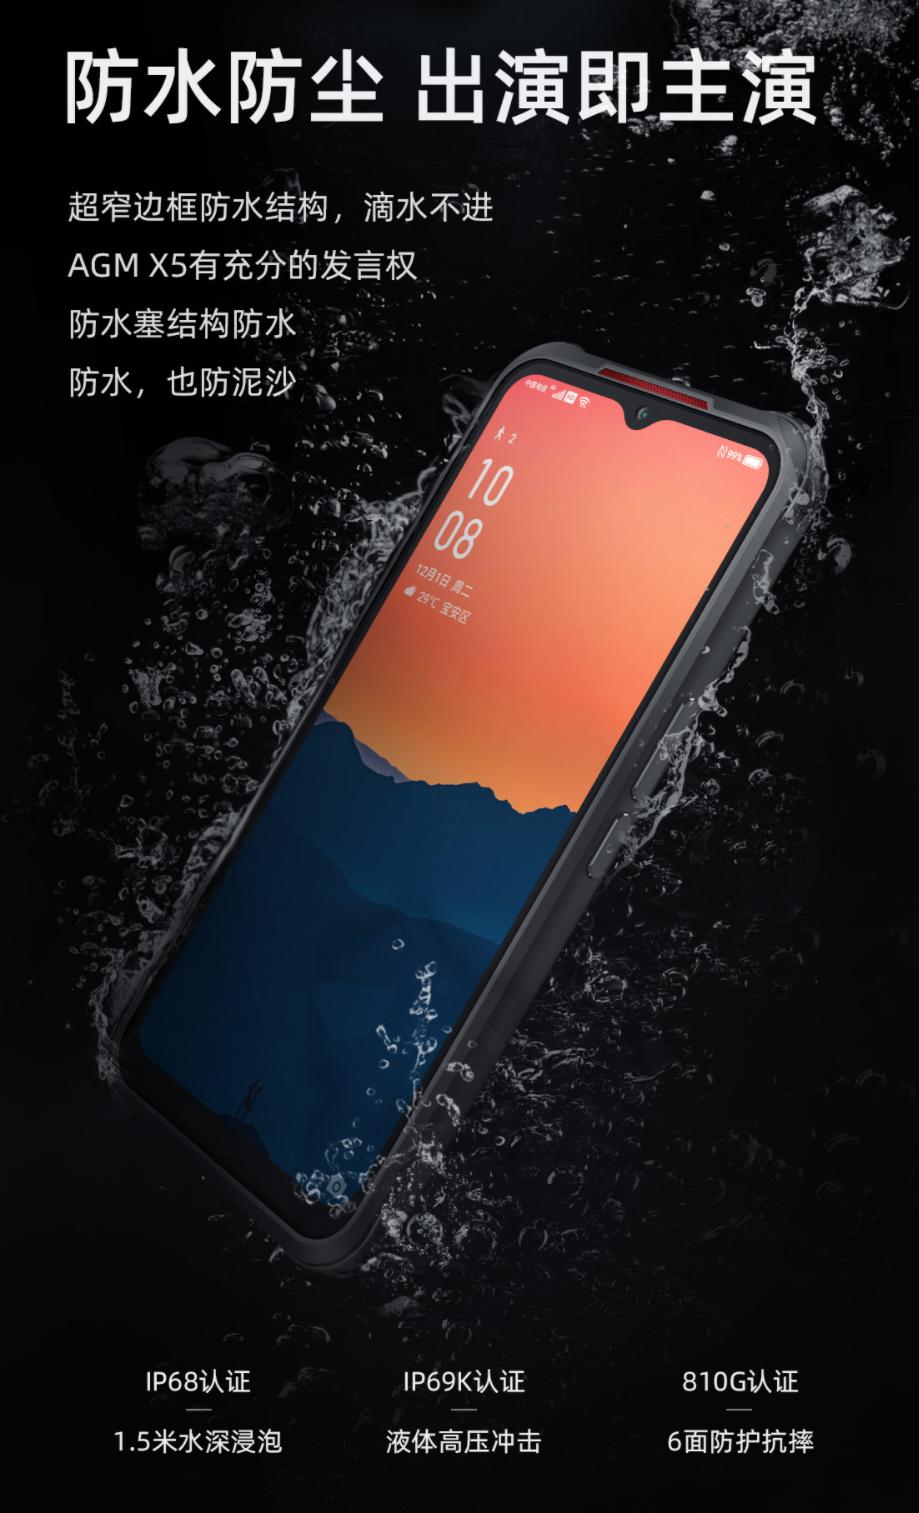 支持 IP69K 防护,AGM X5 户外三防 5G 手机正式发布 - 热点资讯 每日推荐 第2张